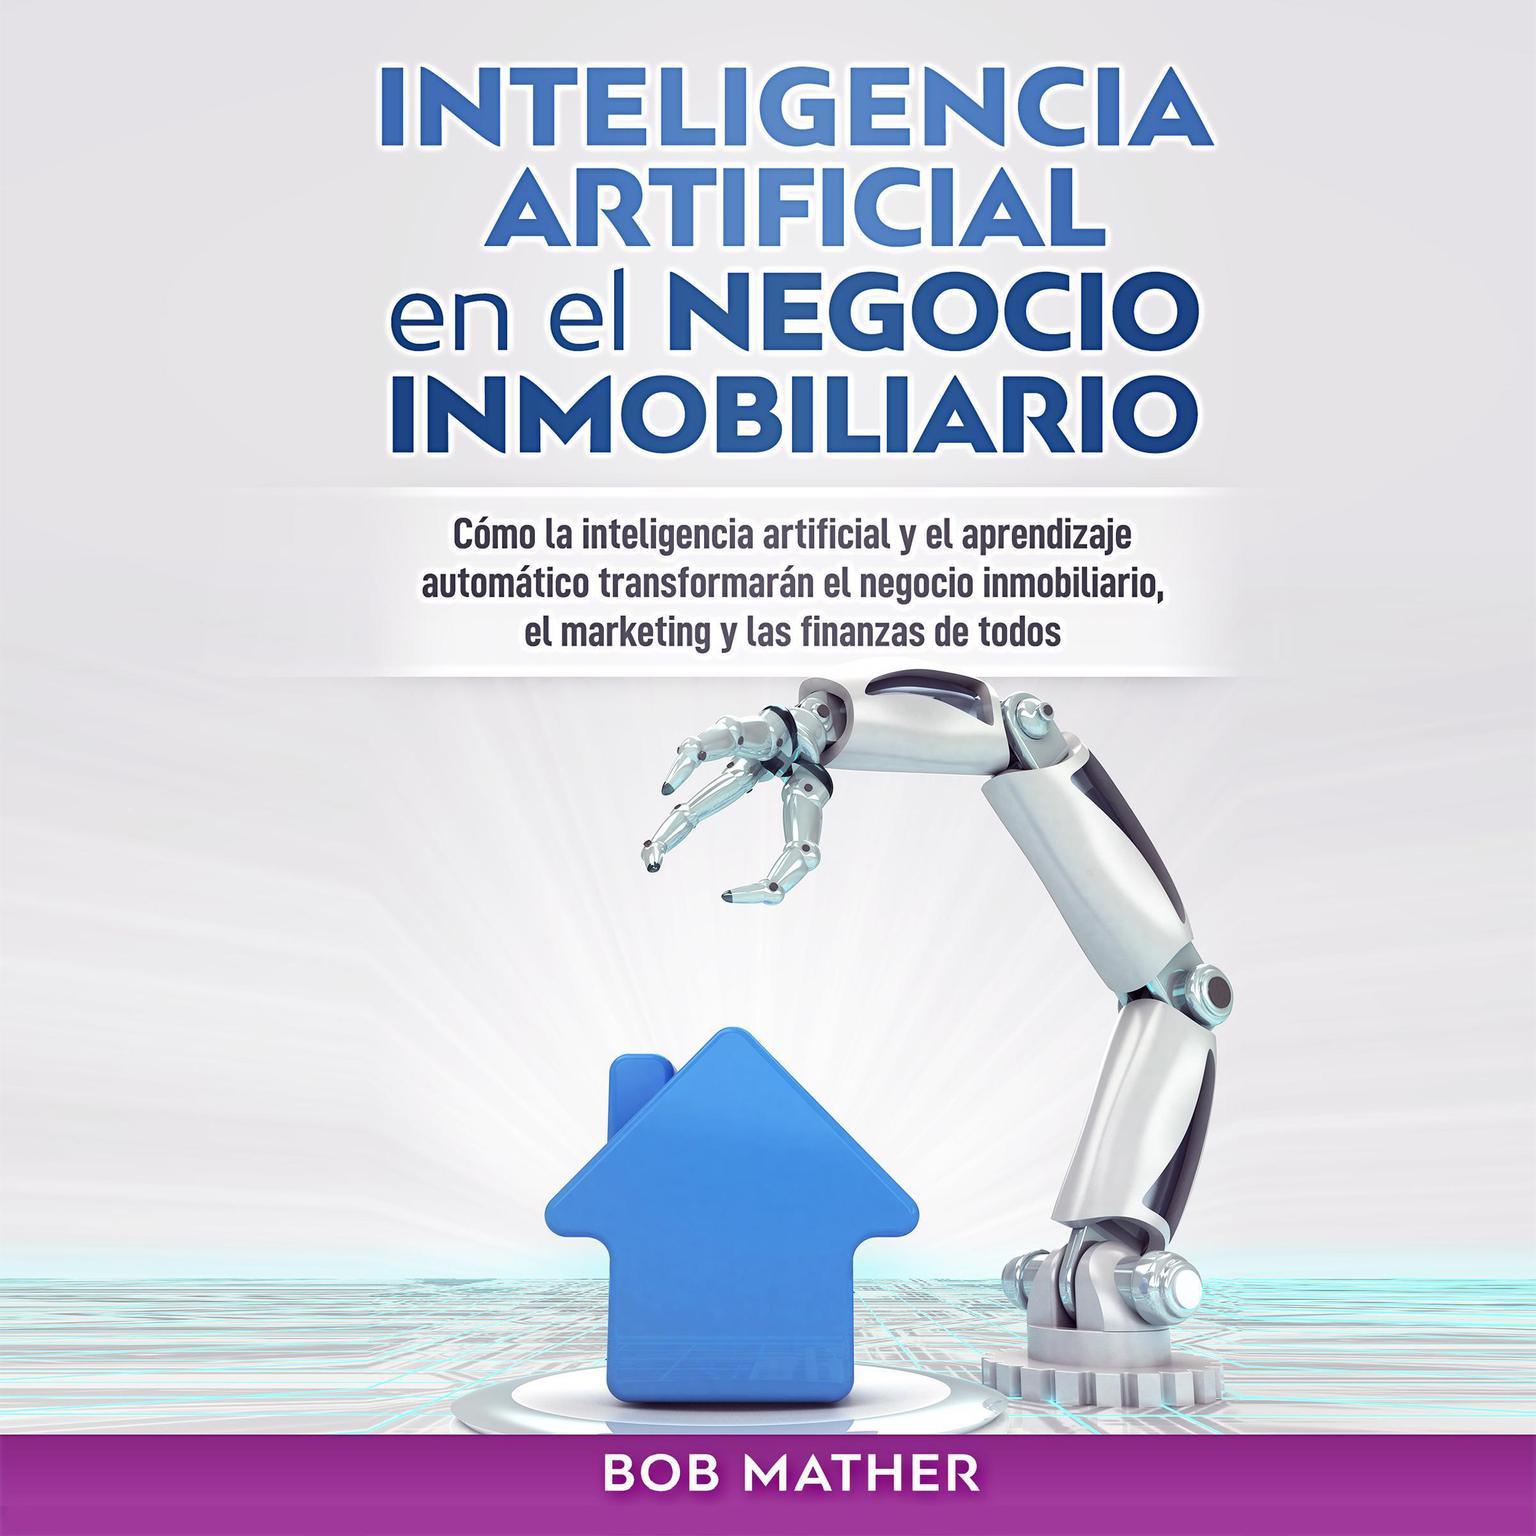 Inteligencia Artificial en el Negocio Inmobiliario: Cómo la inteligencia artificial y el aprendizaje automático transformarán el negocio inmobiliario, ... y las finanzas de todos Audiobook, by Bob Mather